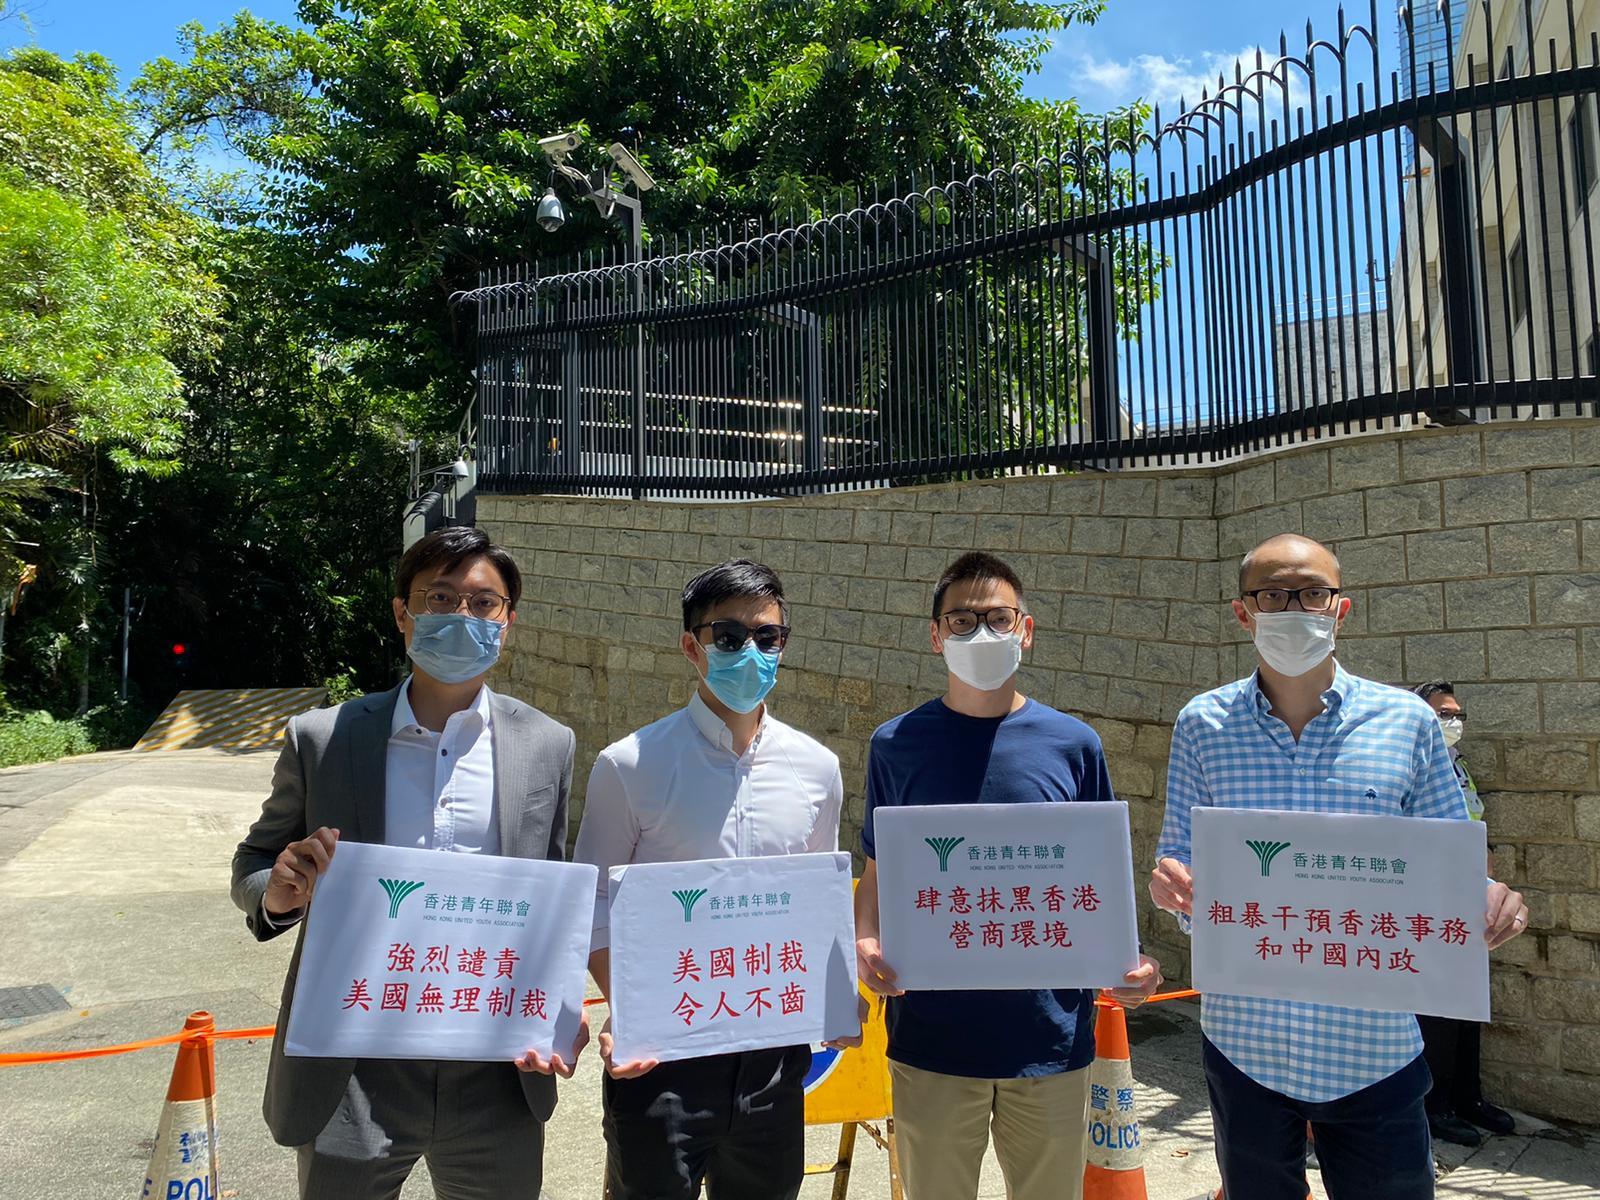 外交部駐港公署敦促美方立即停止對香港國安法的無端抹黑